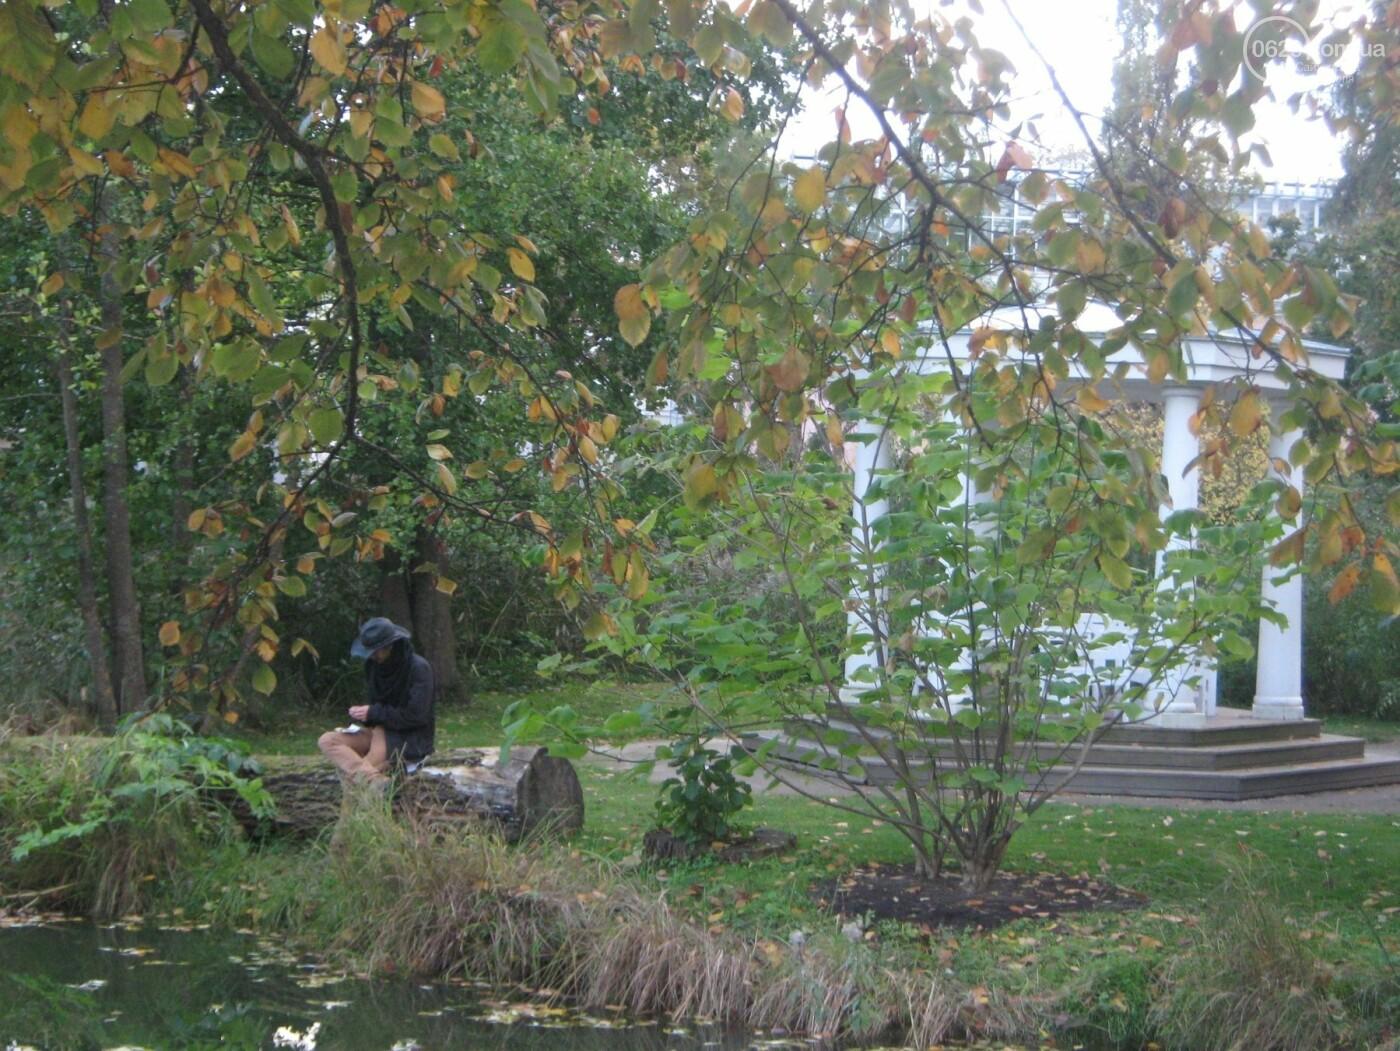 Иностранцы скрываются в Мариуполе от алиментов. Тревел стори с Сергеем Коссе. Тарту, - ФОТО, фото-10